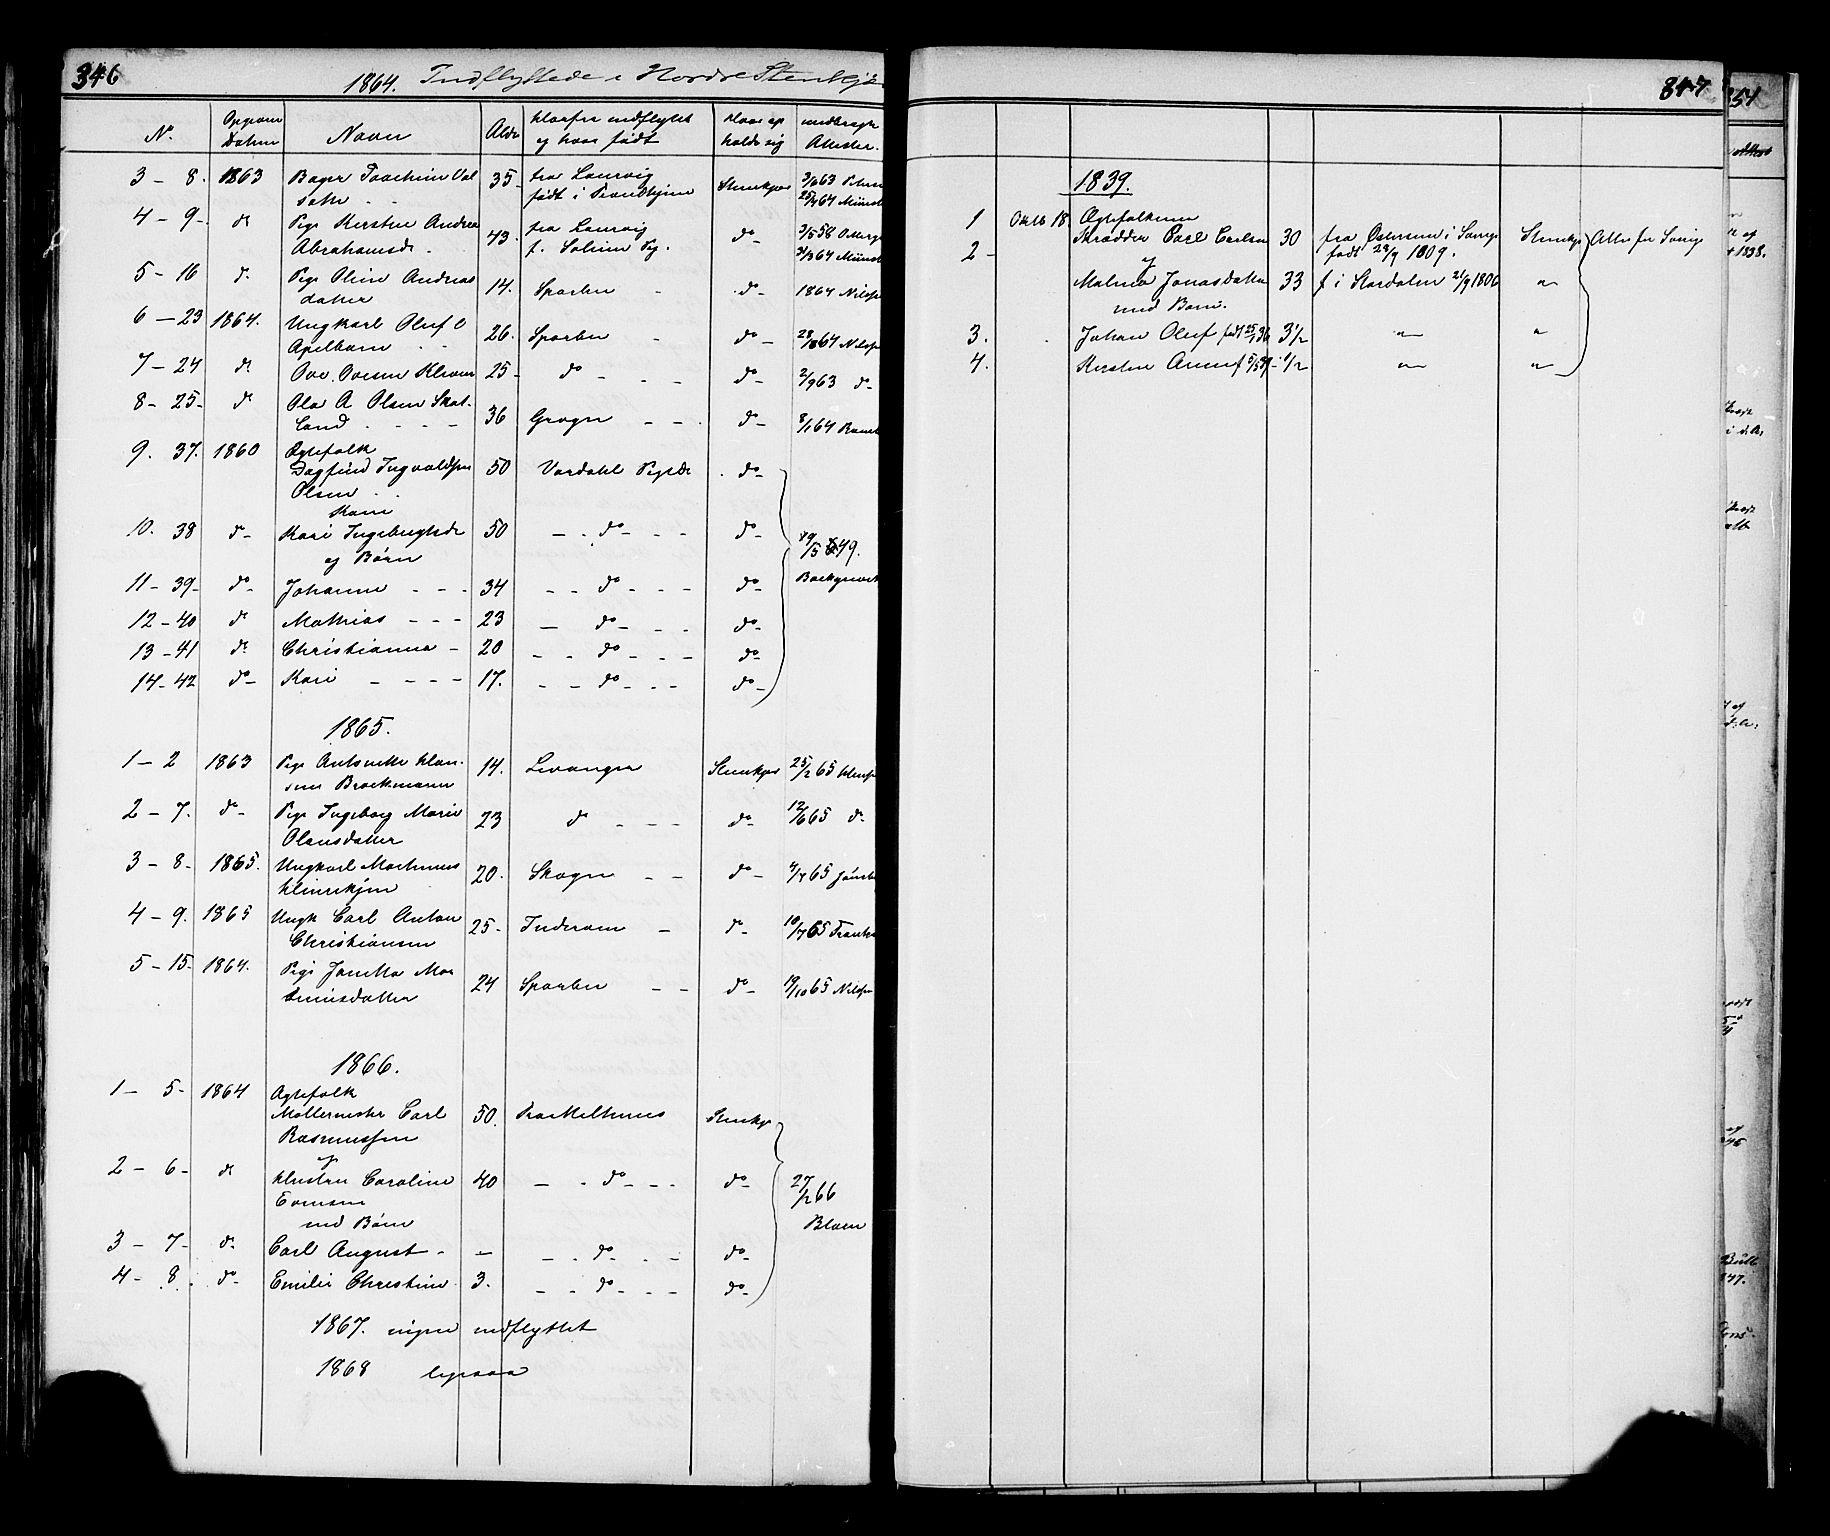 SAT, Ministerialprotokoller, klokkerbøker og fødselsregistre - Nord-Trøndelag, 739/L0367: Ministerialbok nr. 739A01 /2, 1838-1868, s. 346-347